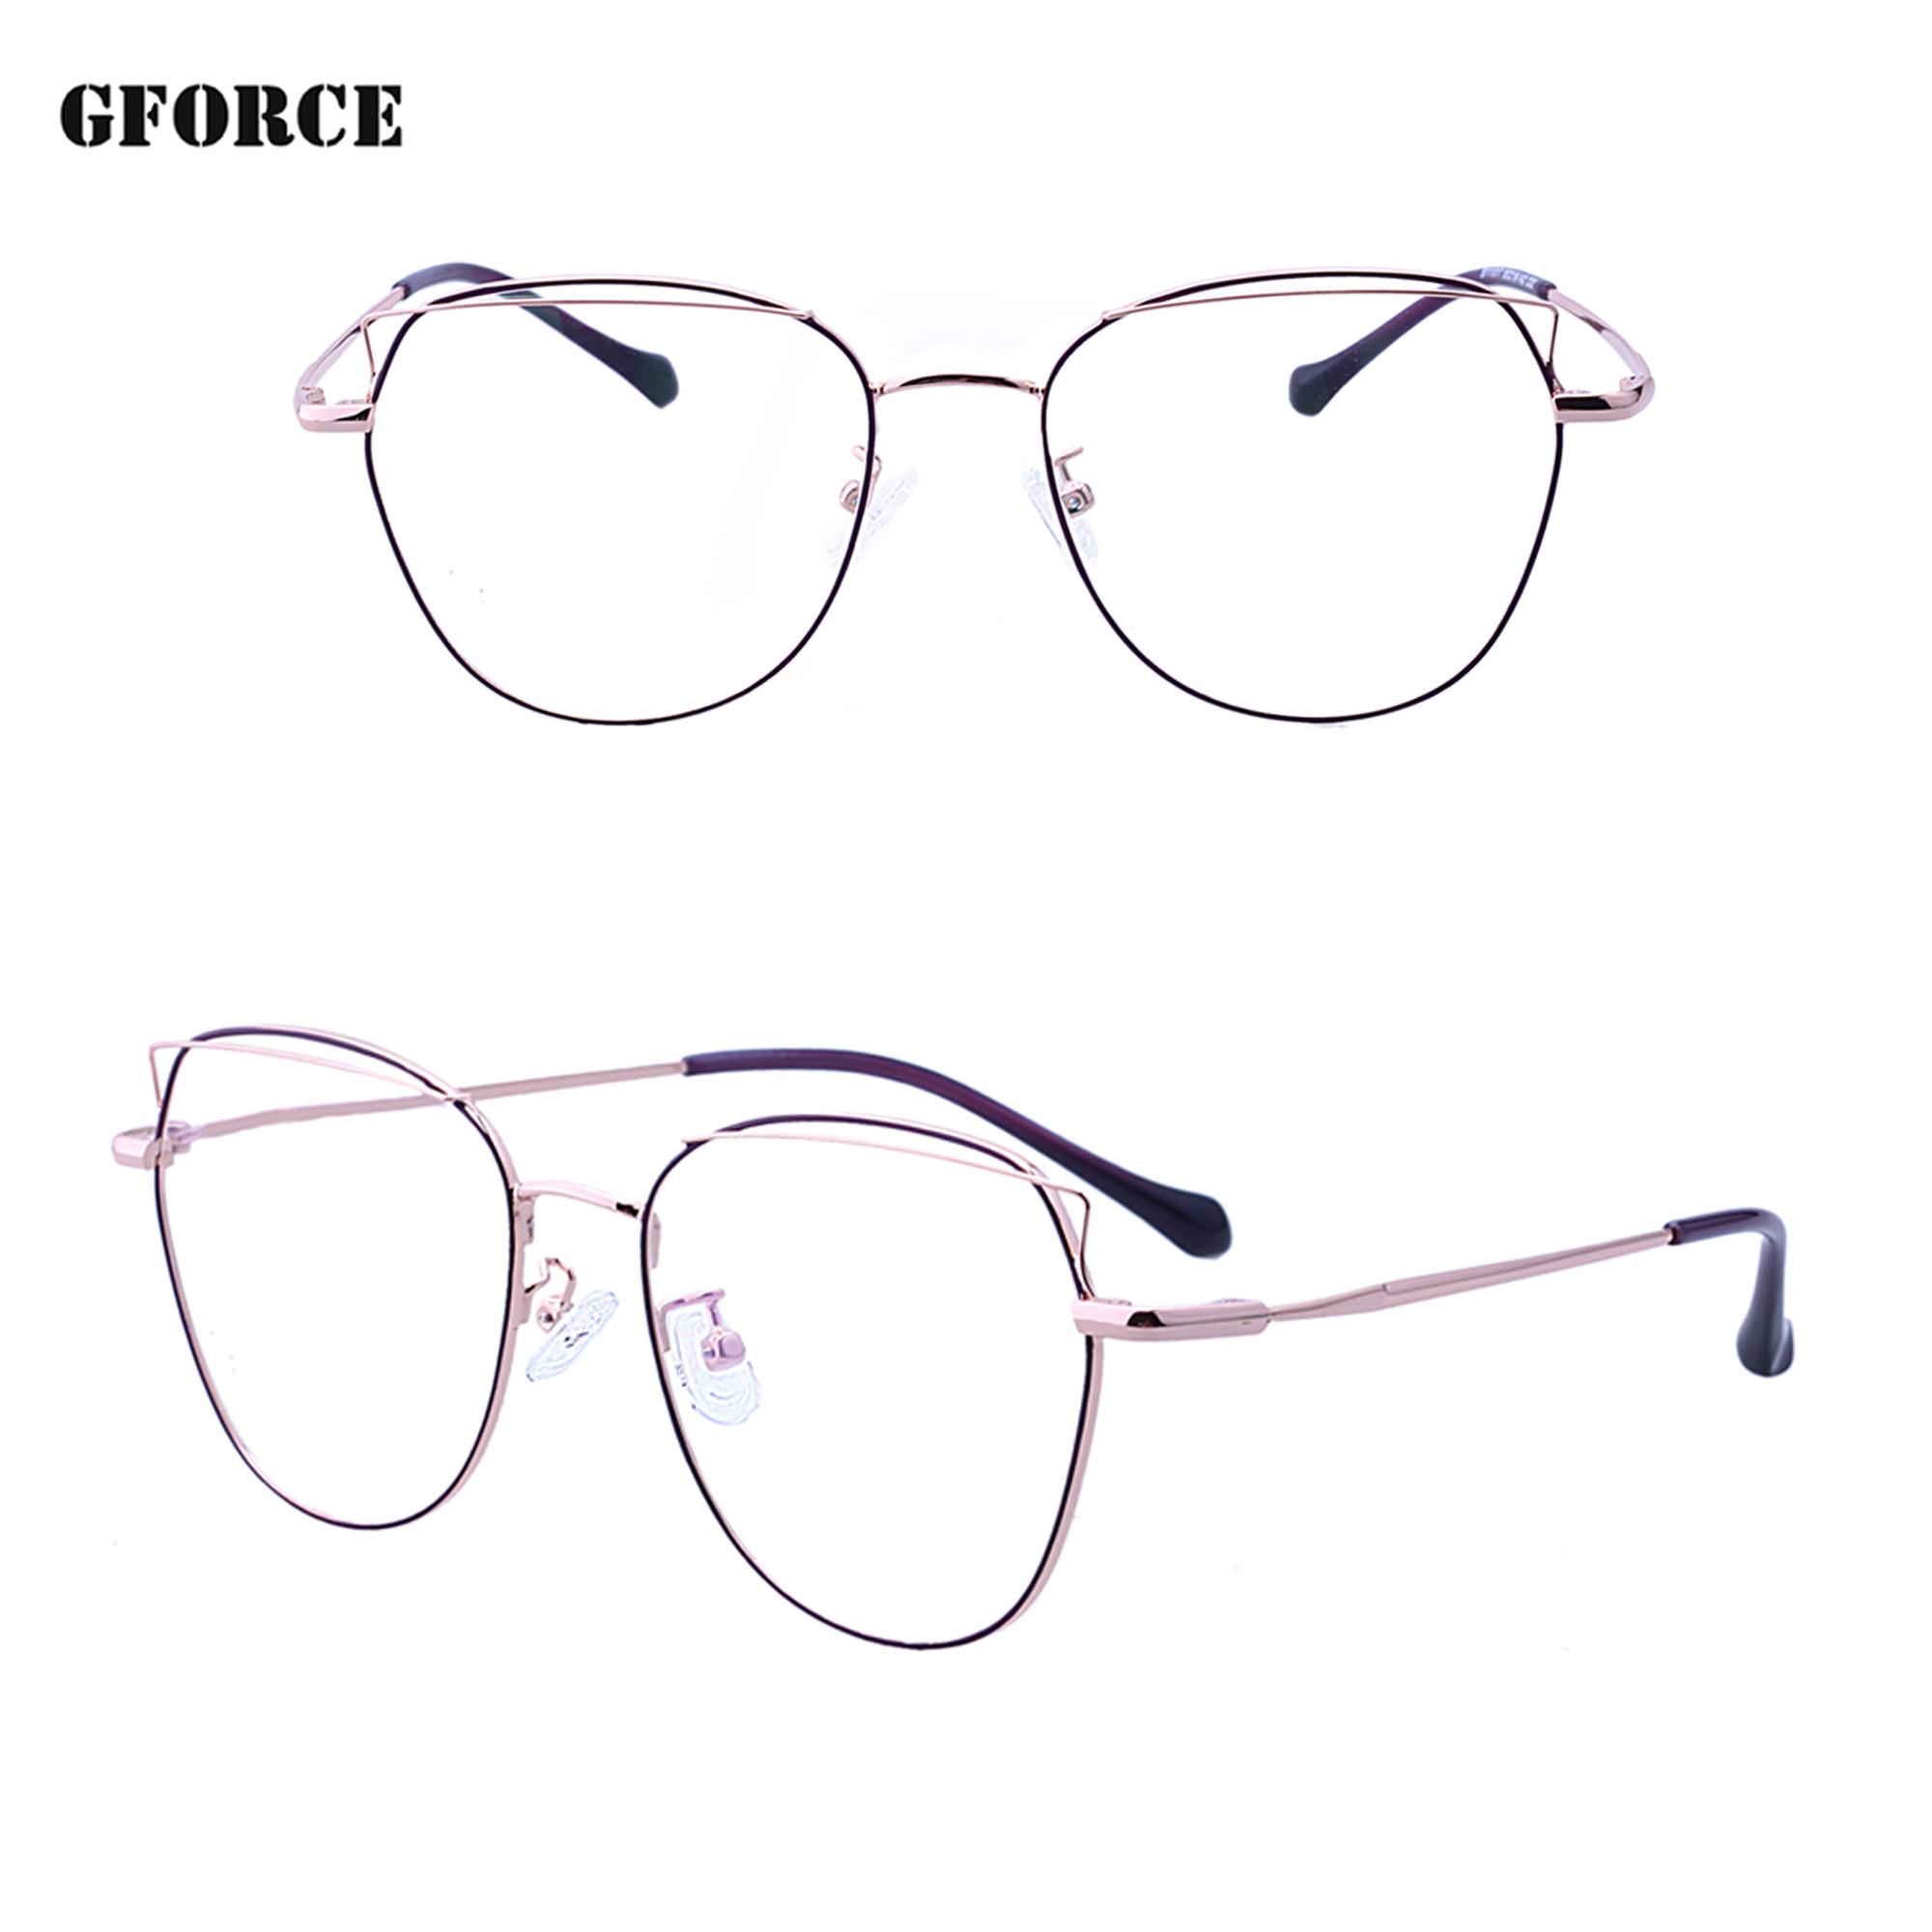 bd27679cd مصادر شركات تصنيع إطارات النظارات مربع وإطارات النظارات مربع في Alibaba.com